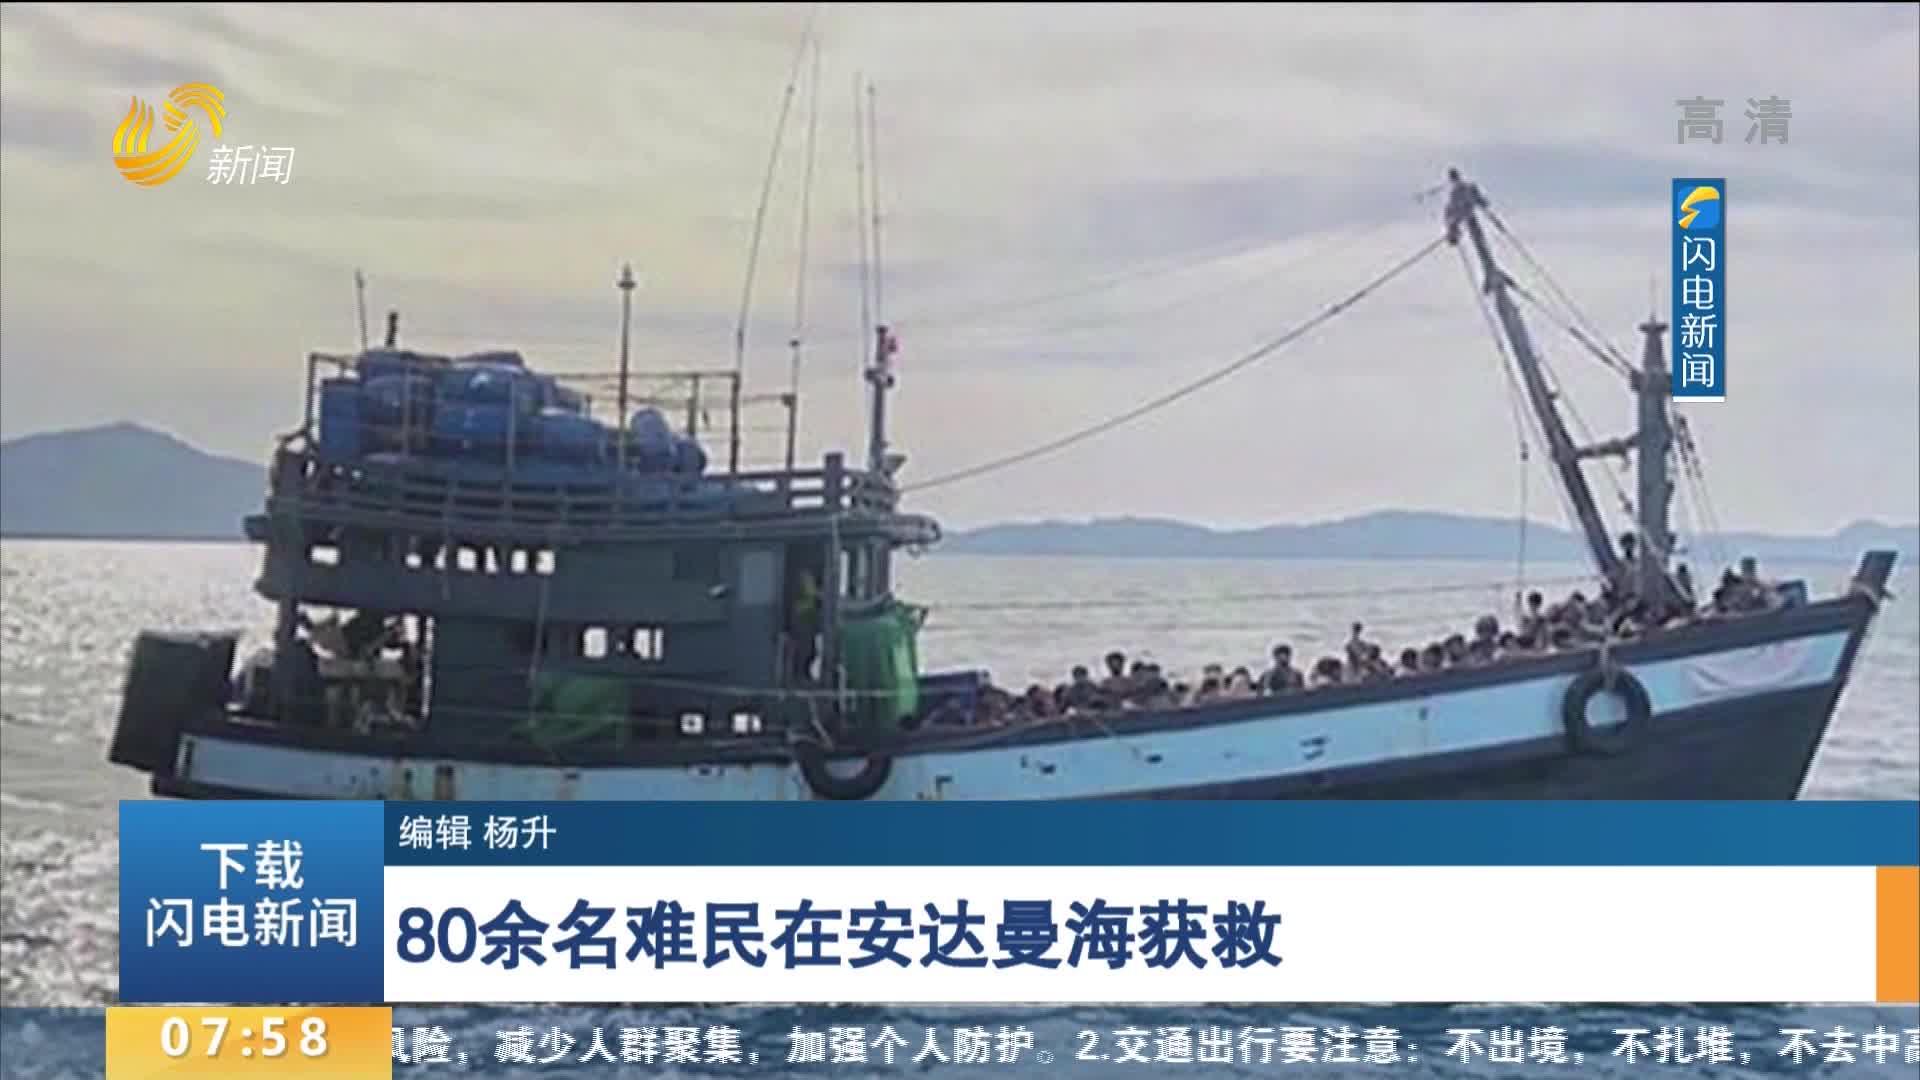 80余名难民在安达曼海获救